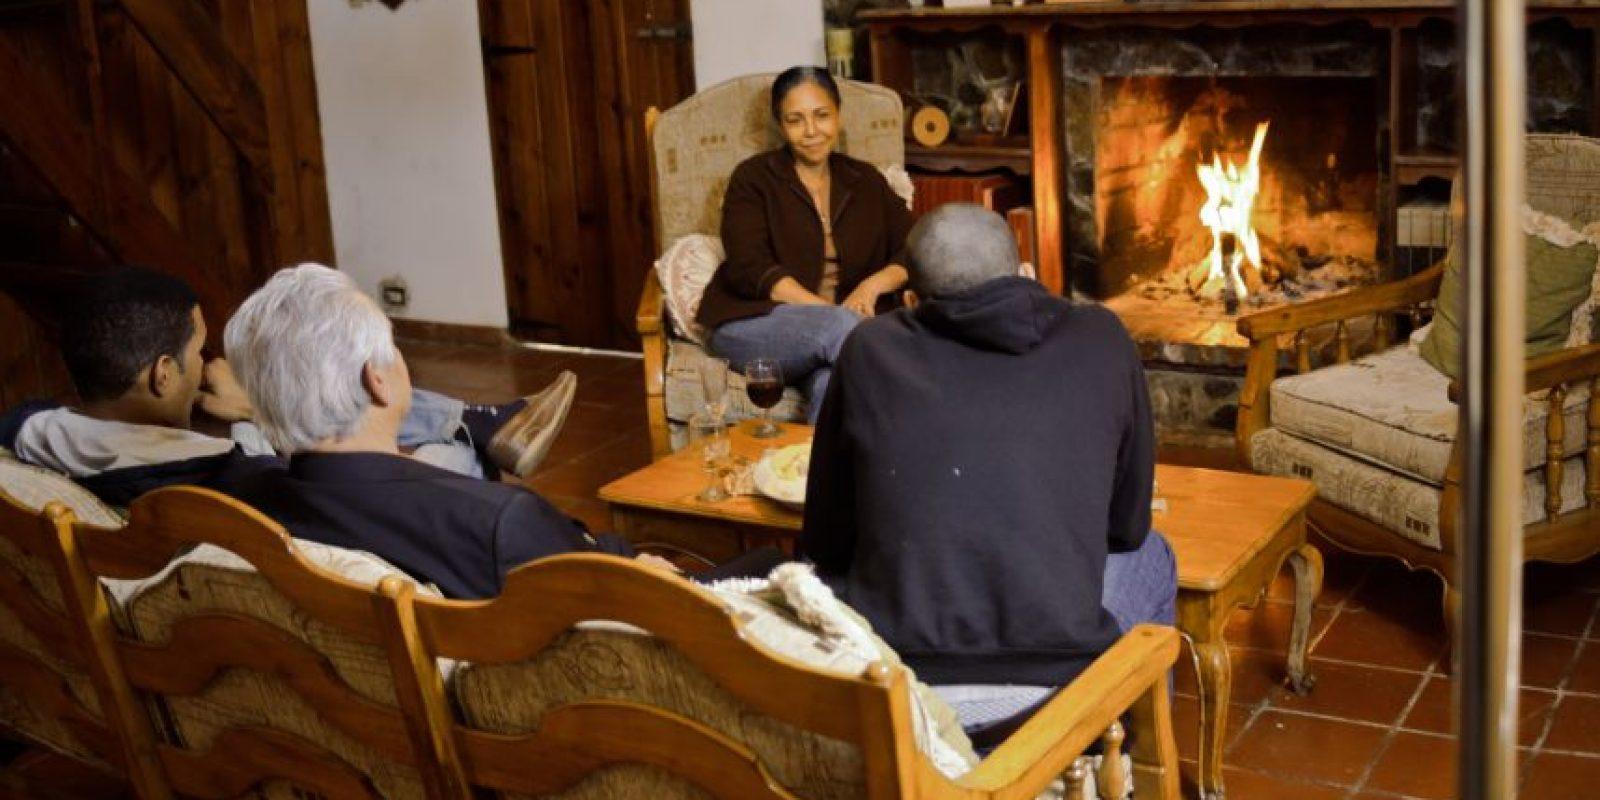 Imágenes del detrás de cámara de La familia Reyna, donde Adalgisa encarna a Doña Sarah. Foto:Fuente externa